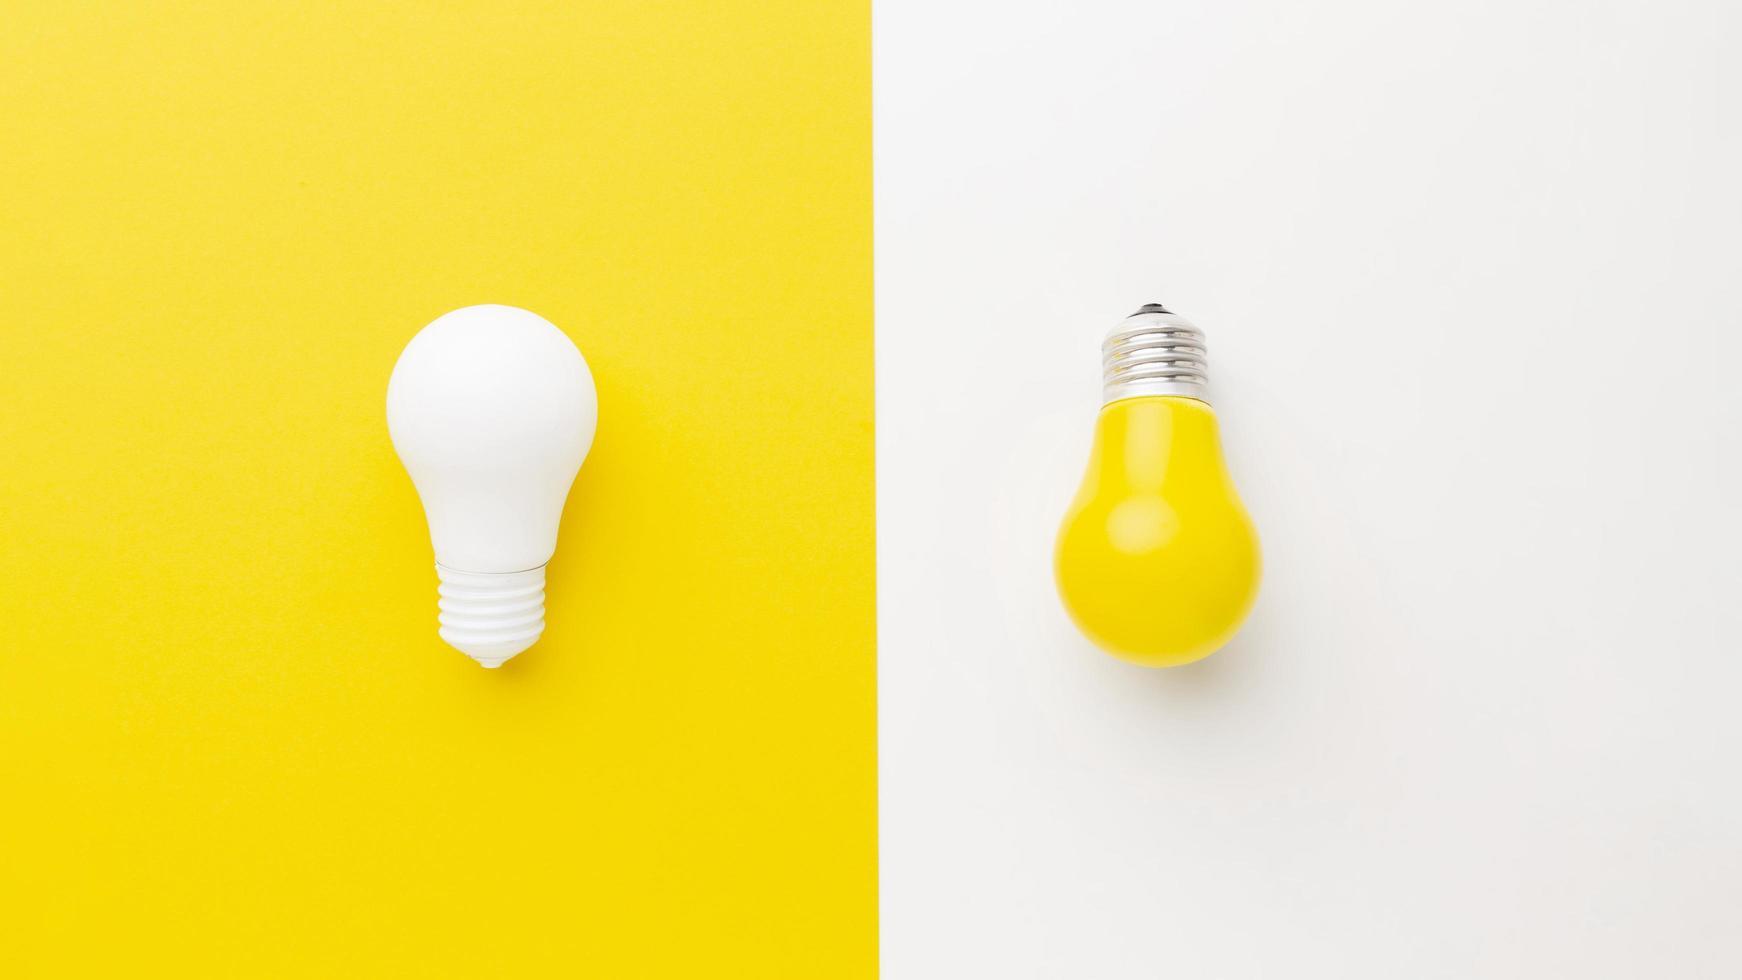 disposizione piatta di due lampadine foto